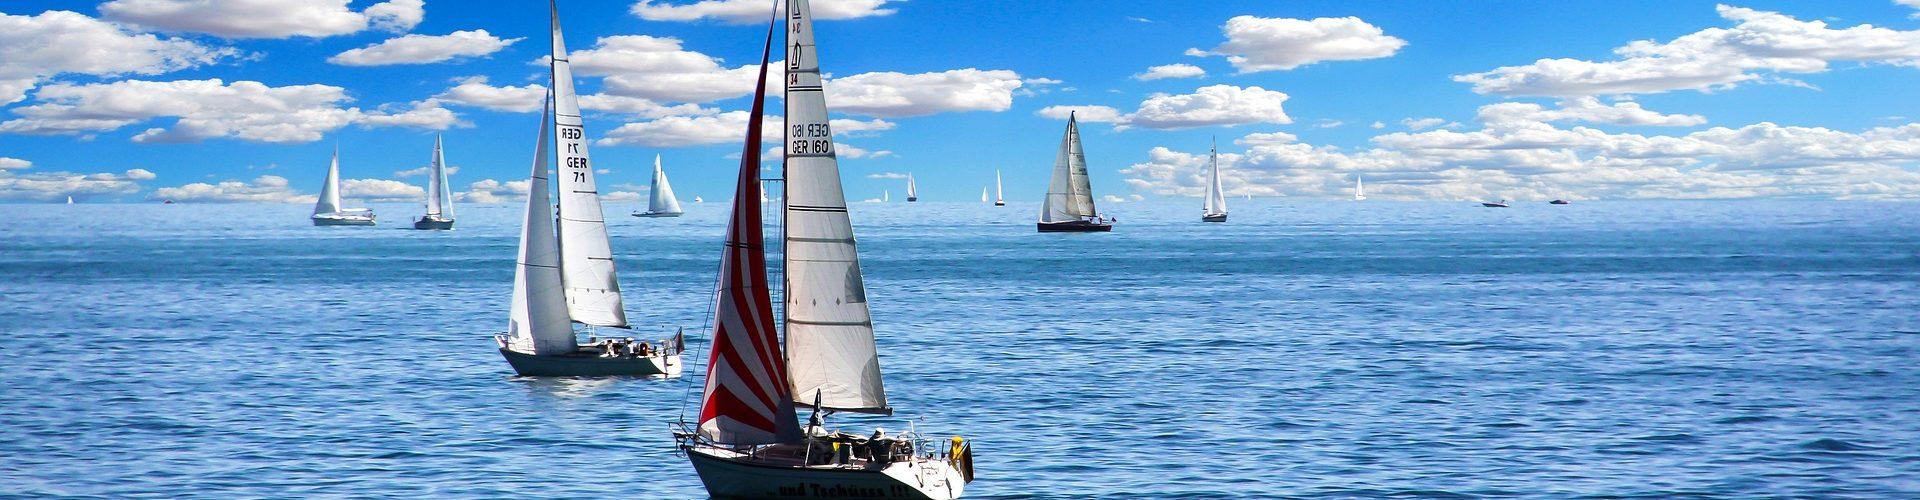 segeln lernen in Jersleben segelschein machen in Jersleben 1920x500 - Segeln lernen in Jersleben